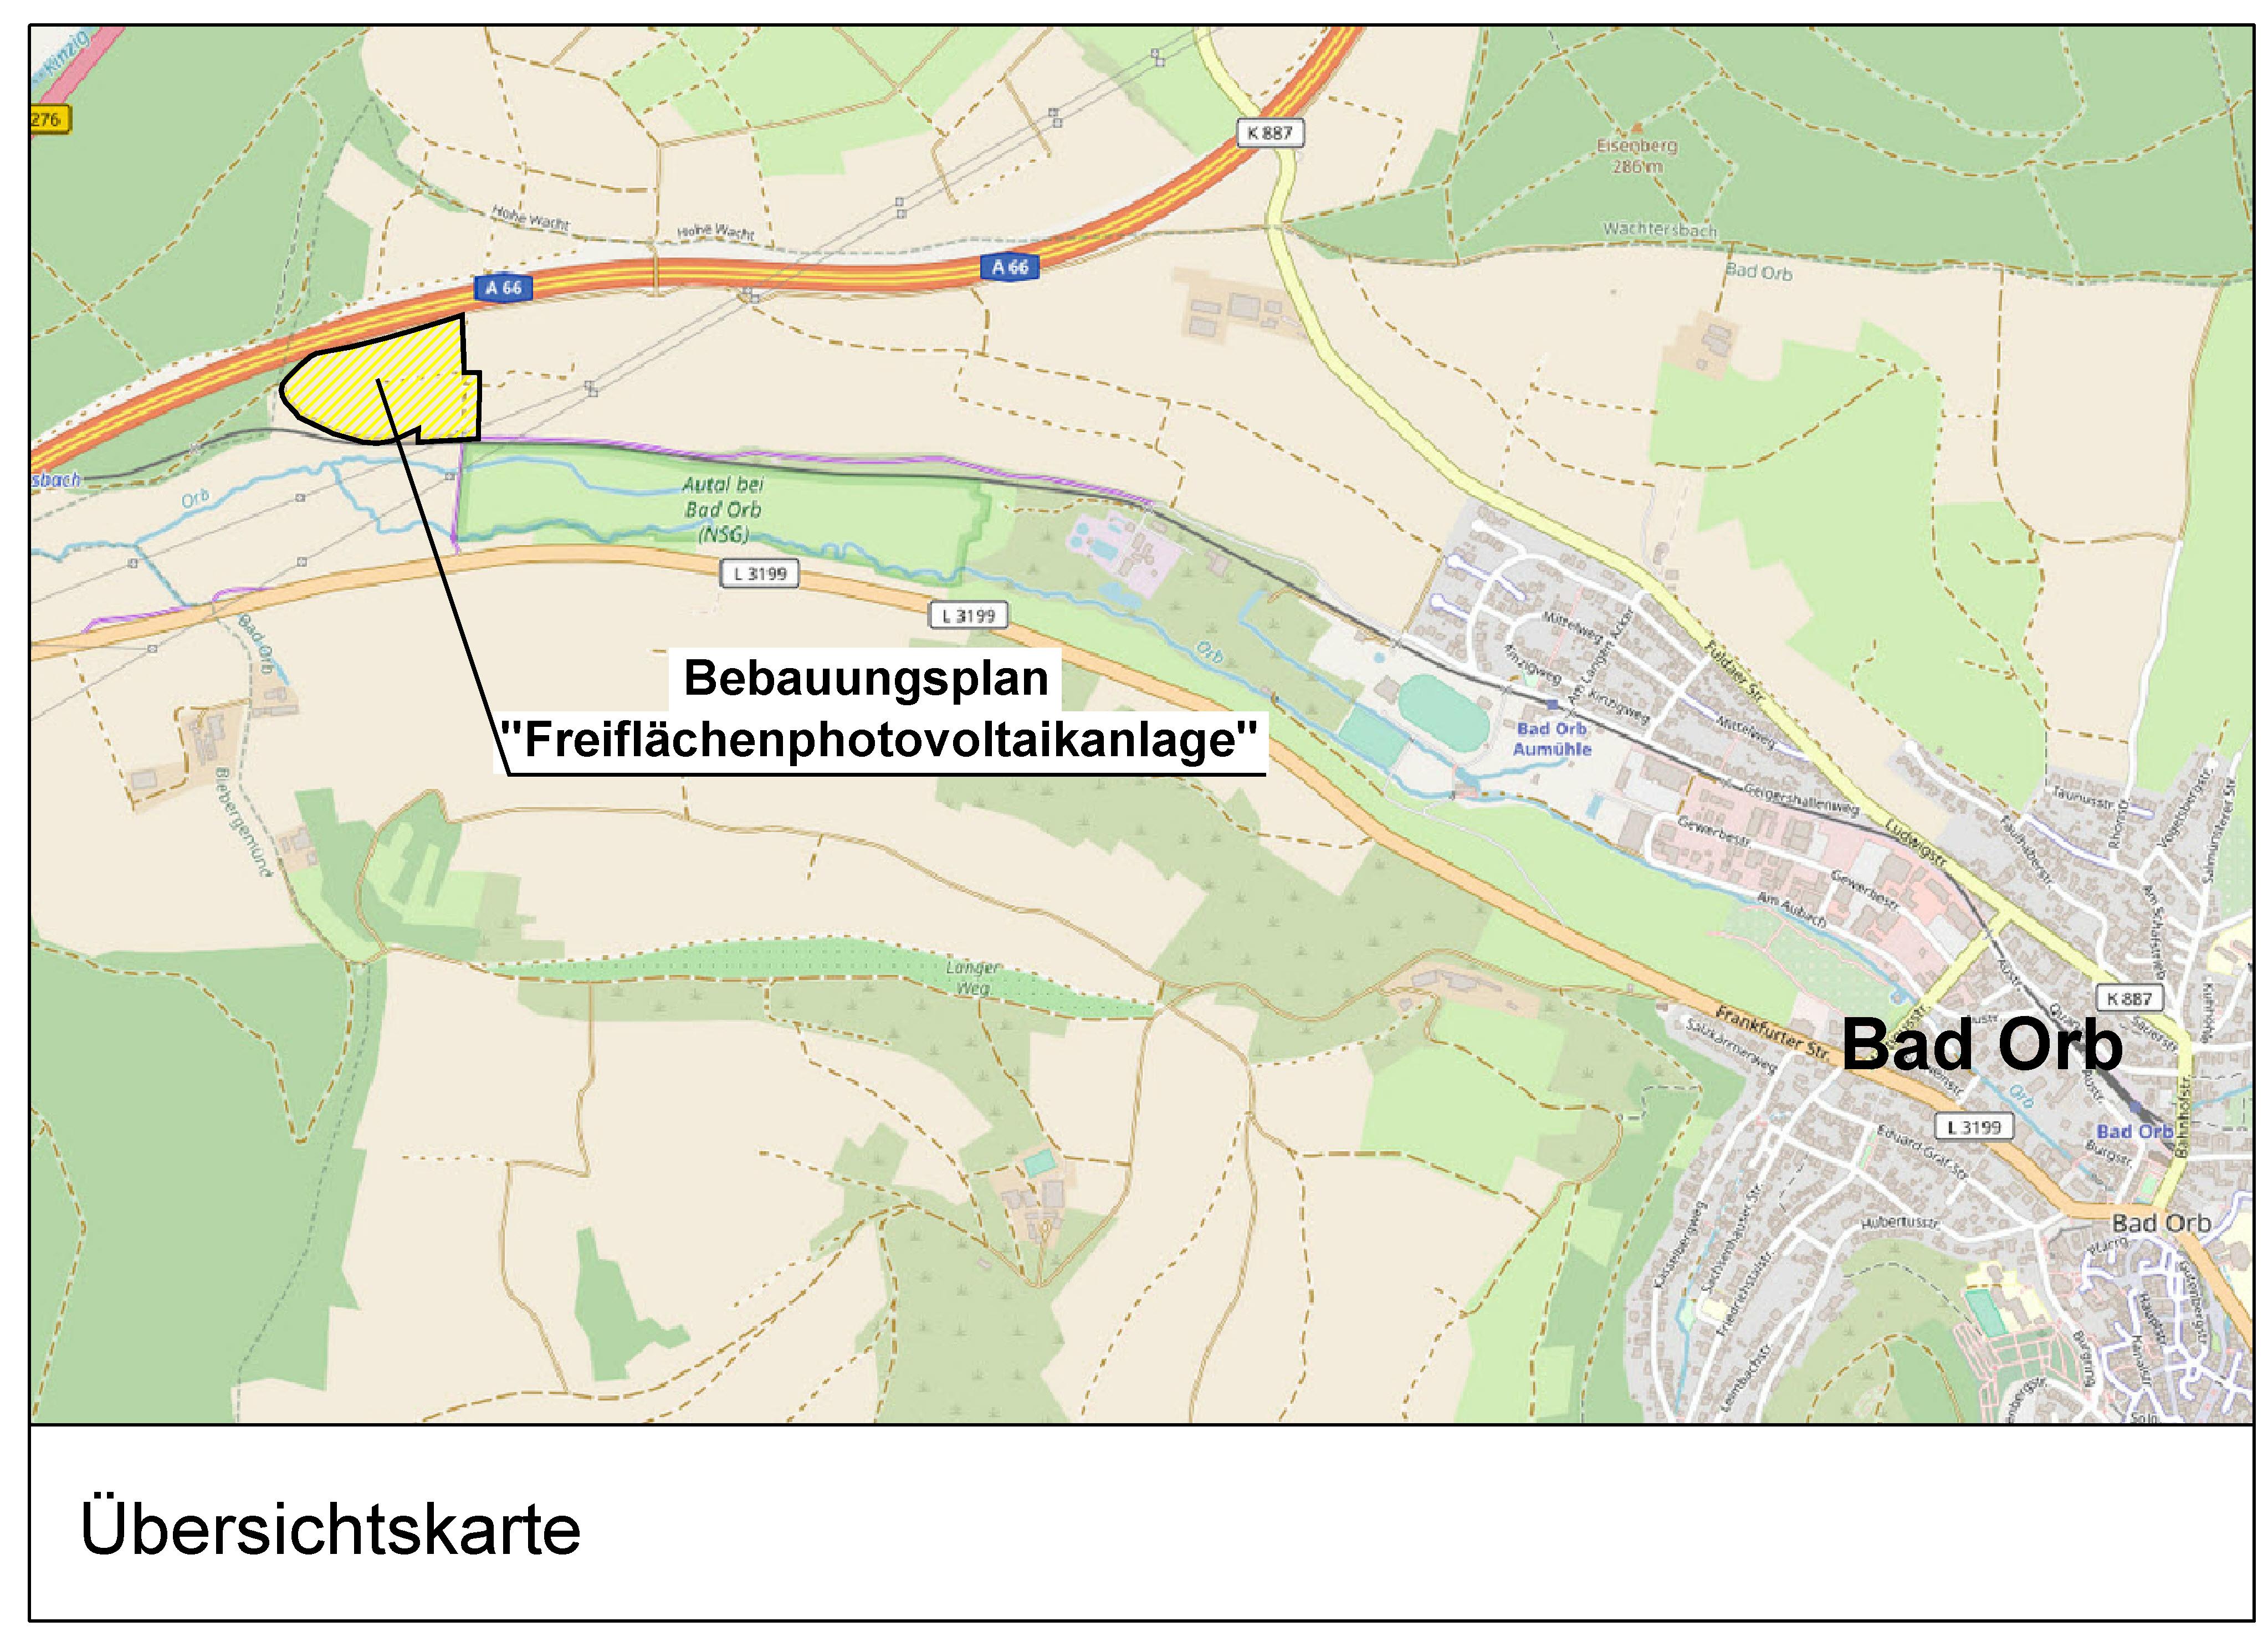 """Bebauungsplan """"Freiflächenphotovoltaikanlage"""" im Parallelverfahren mit der Änderung des Flächennutzungsplans der Stadt Bad Orb"""